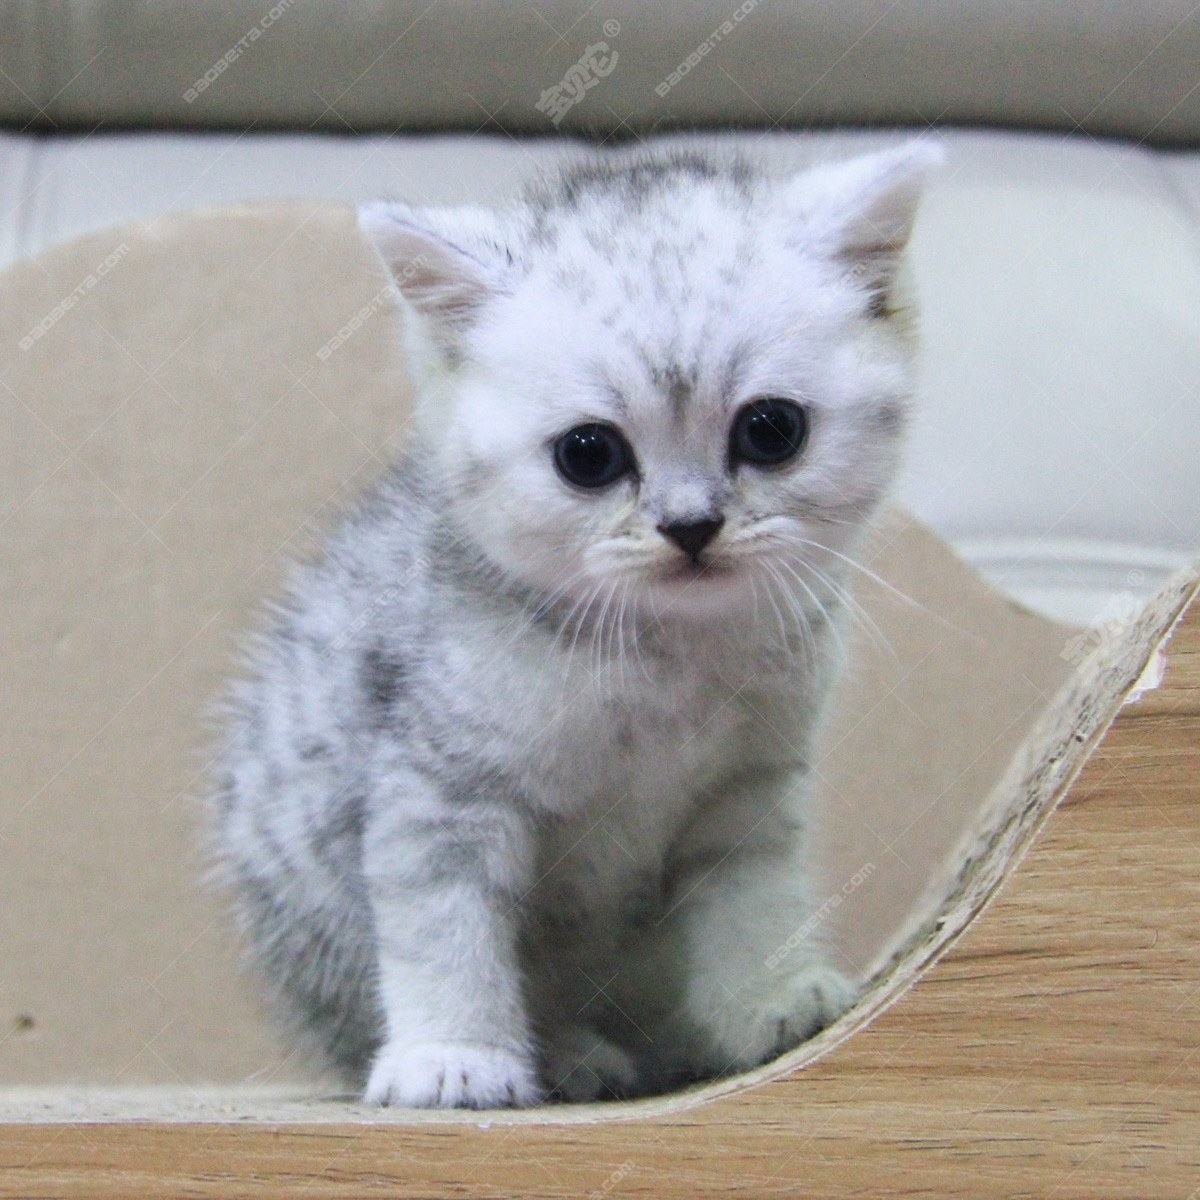 纯种宠物猫咪 英短幼猫mm 银色渐层 英国短毛猫 宠物级 视频 / 母mm